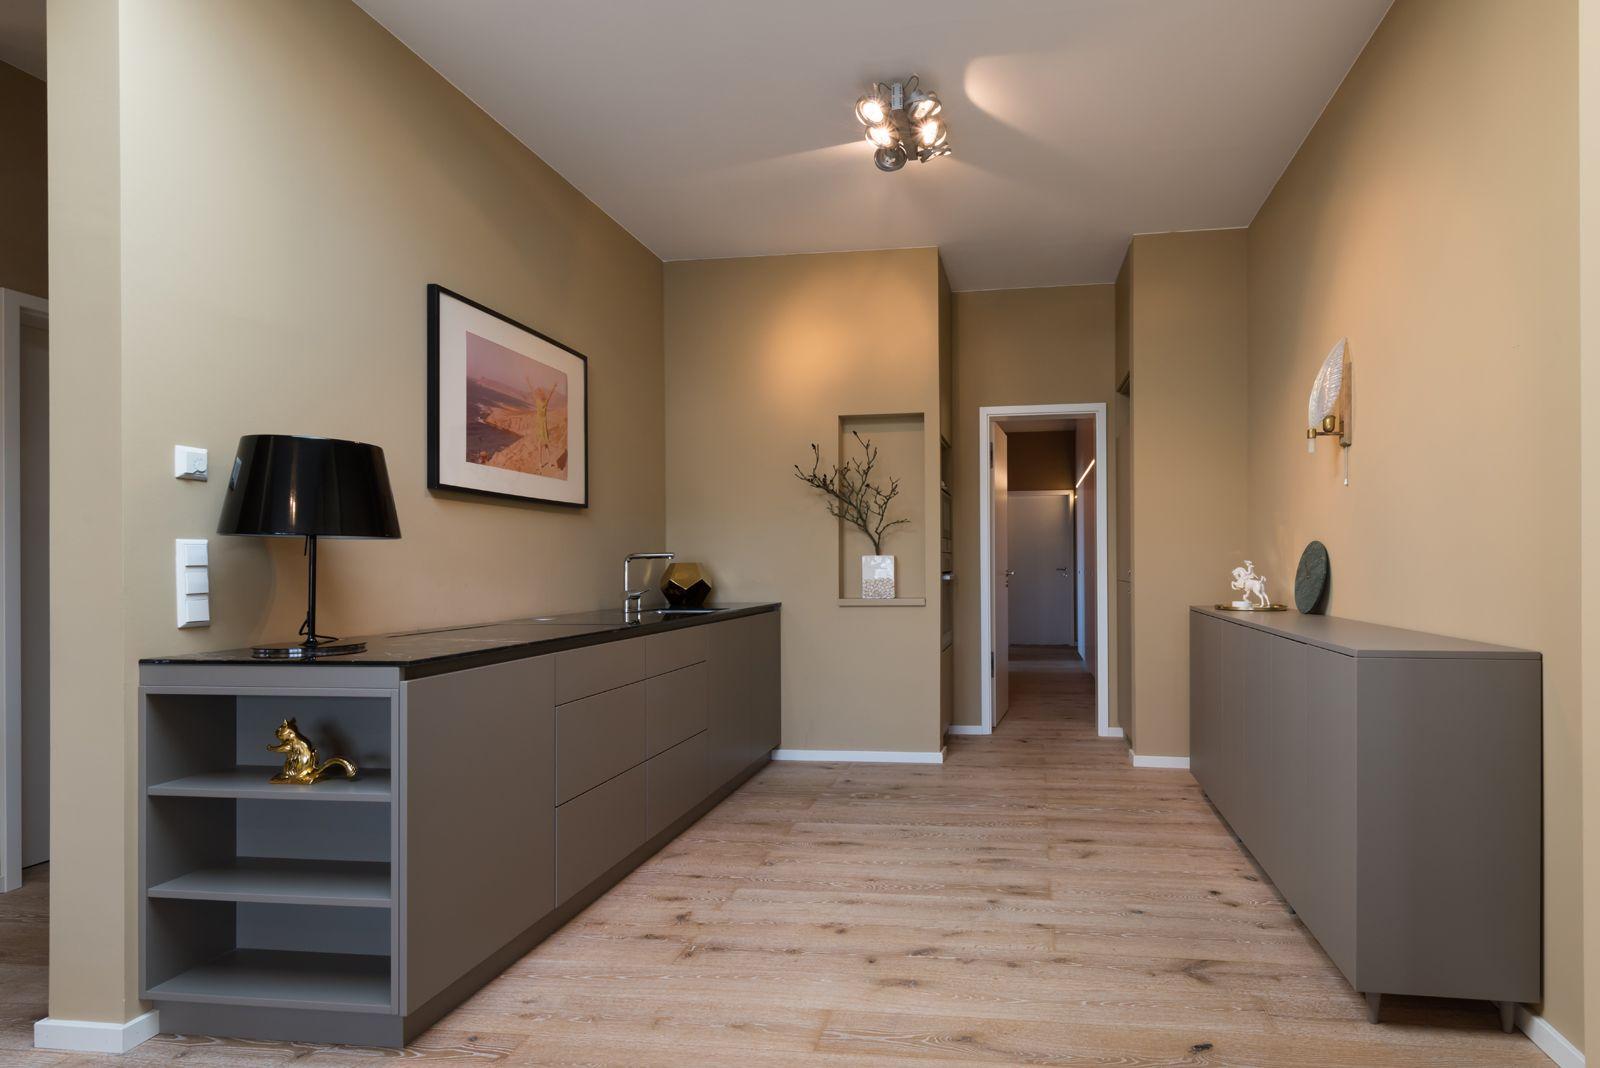 Einbauküche, Schrank, Wohnbereich, Sideboard   Projekt: Wandschrank ...